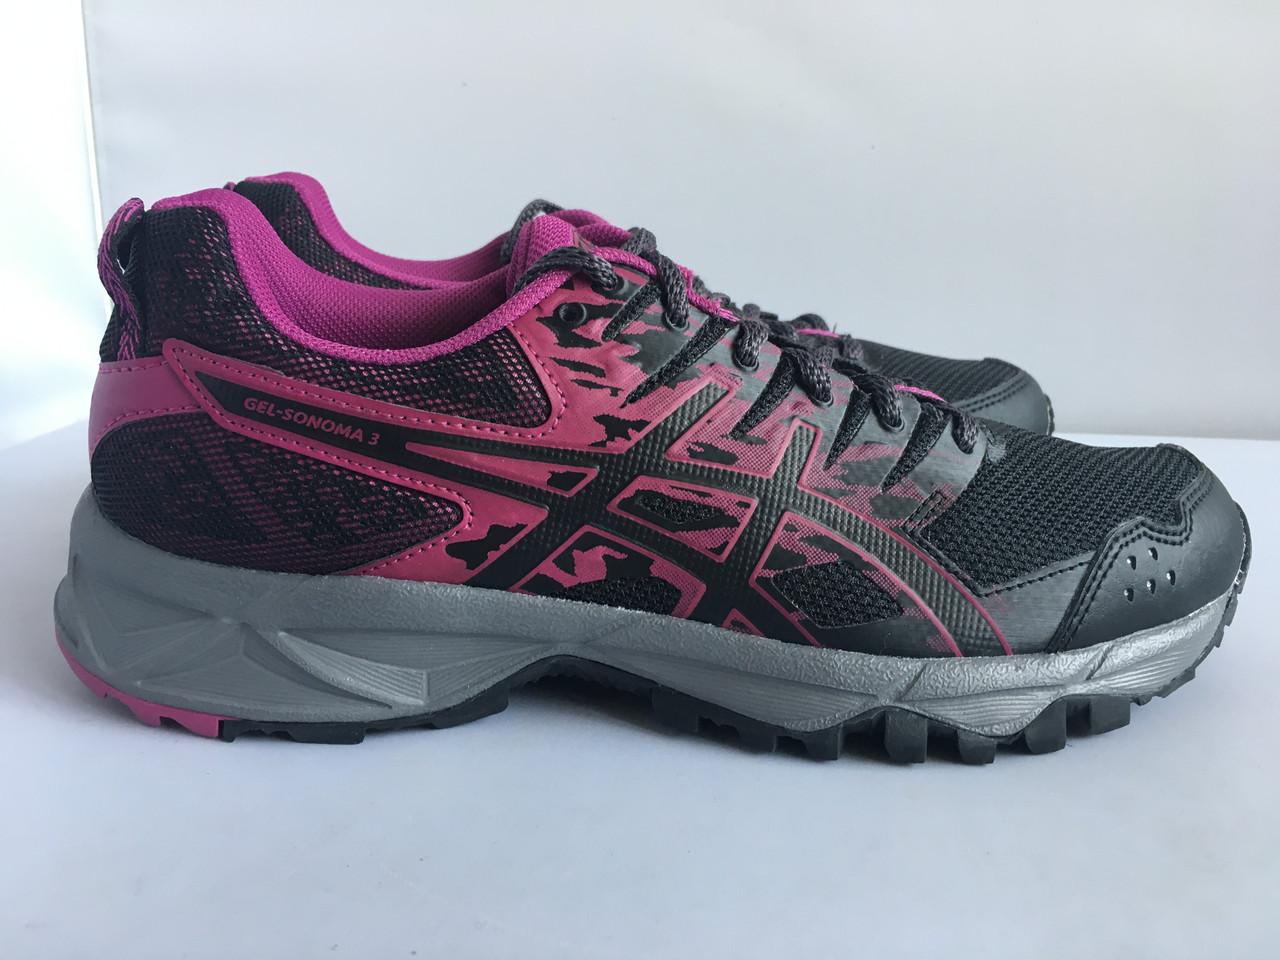 Женские кроссовки ASICS Gel-Sonoma 3, 38 размер